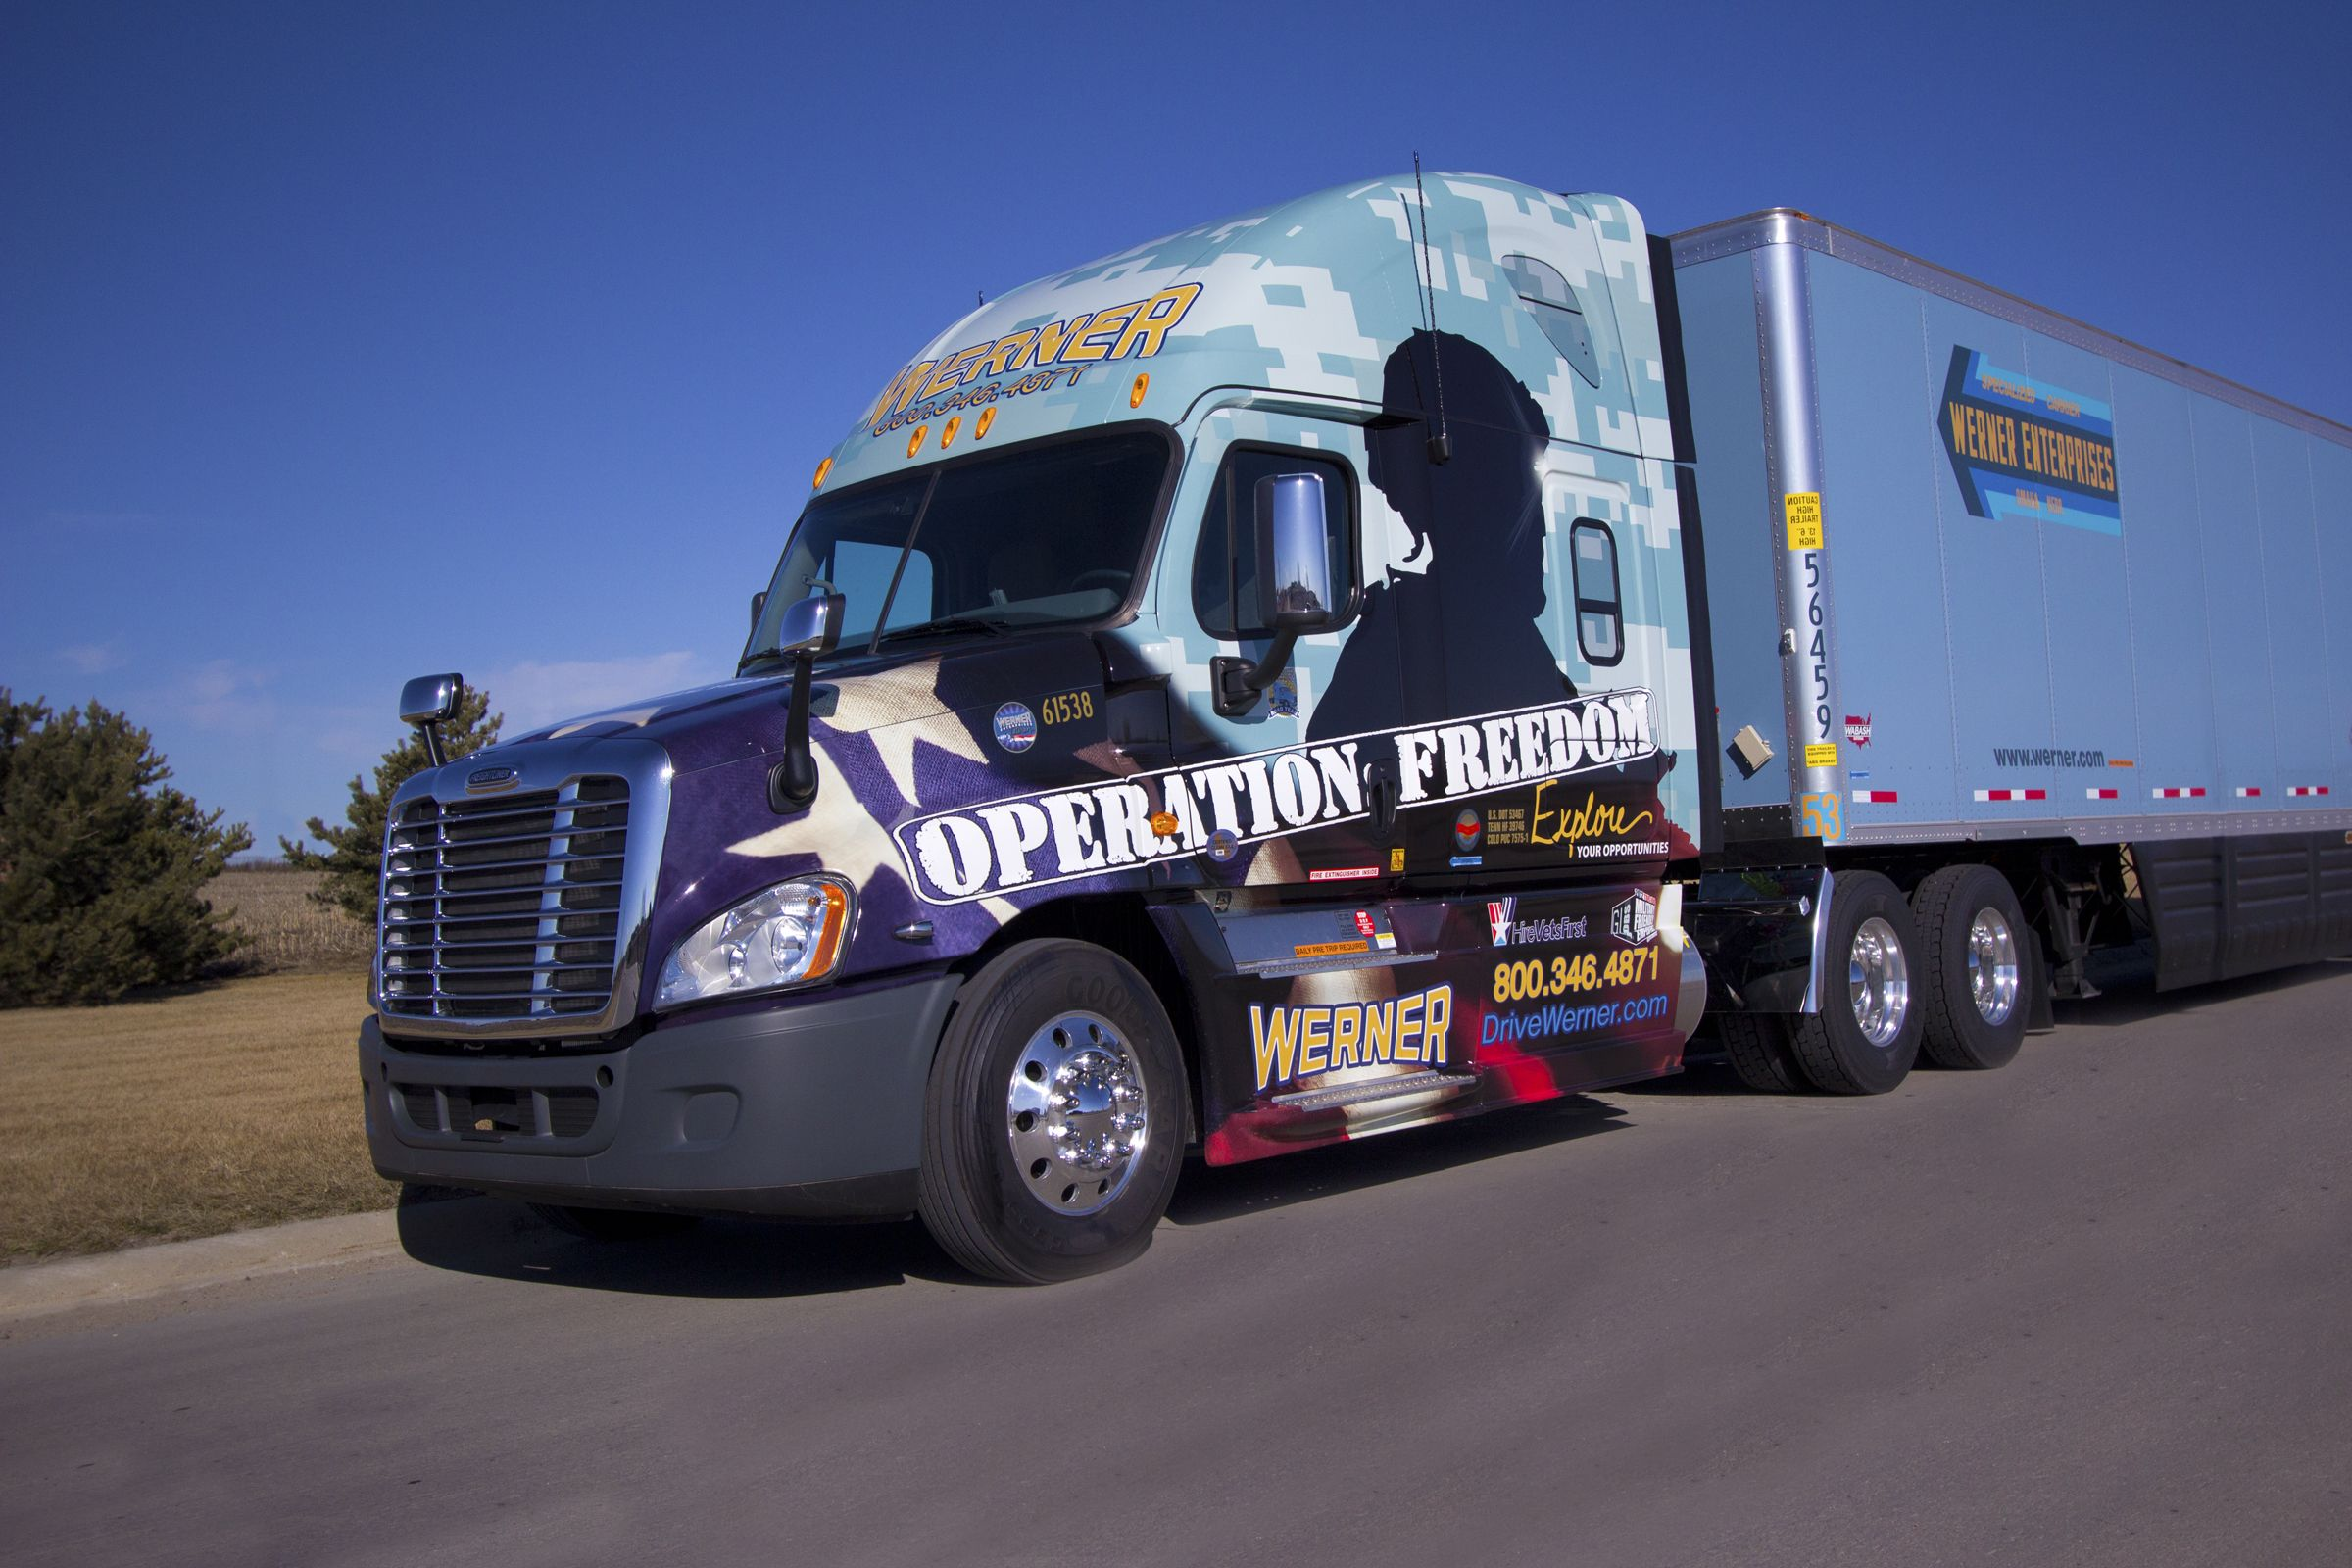 Werner enterprises operation freedom truck